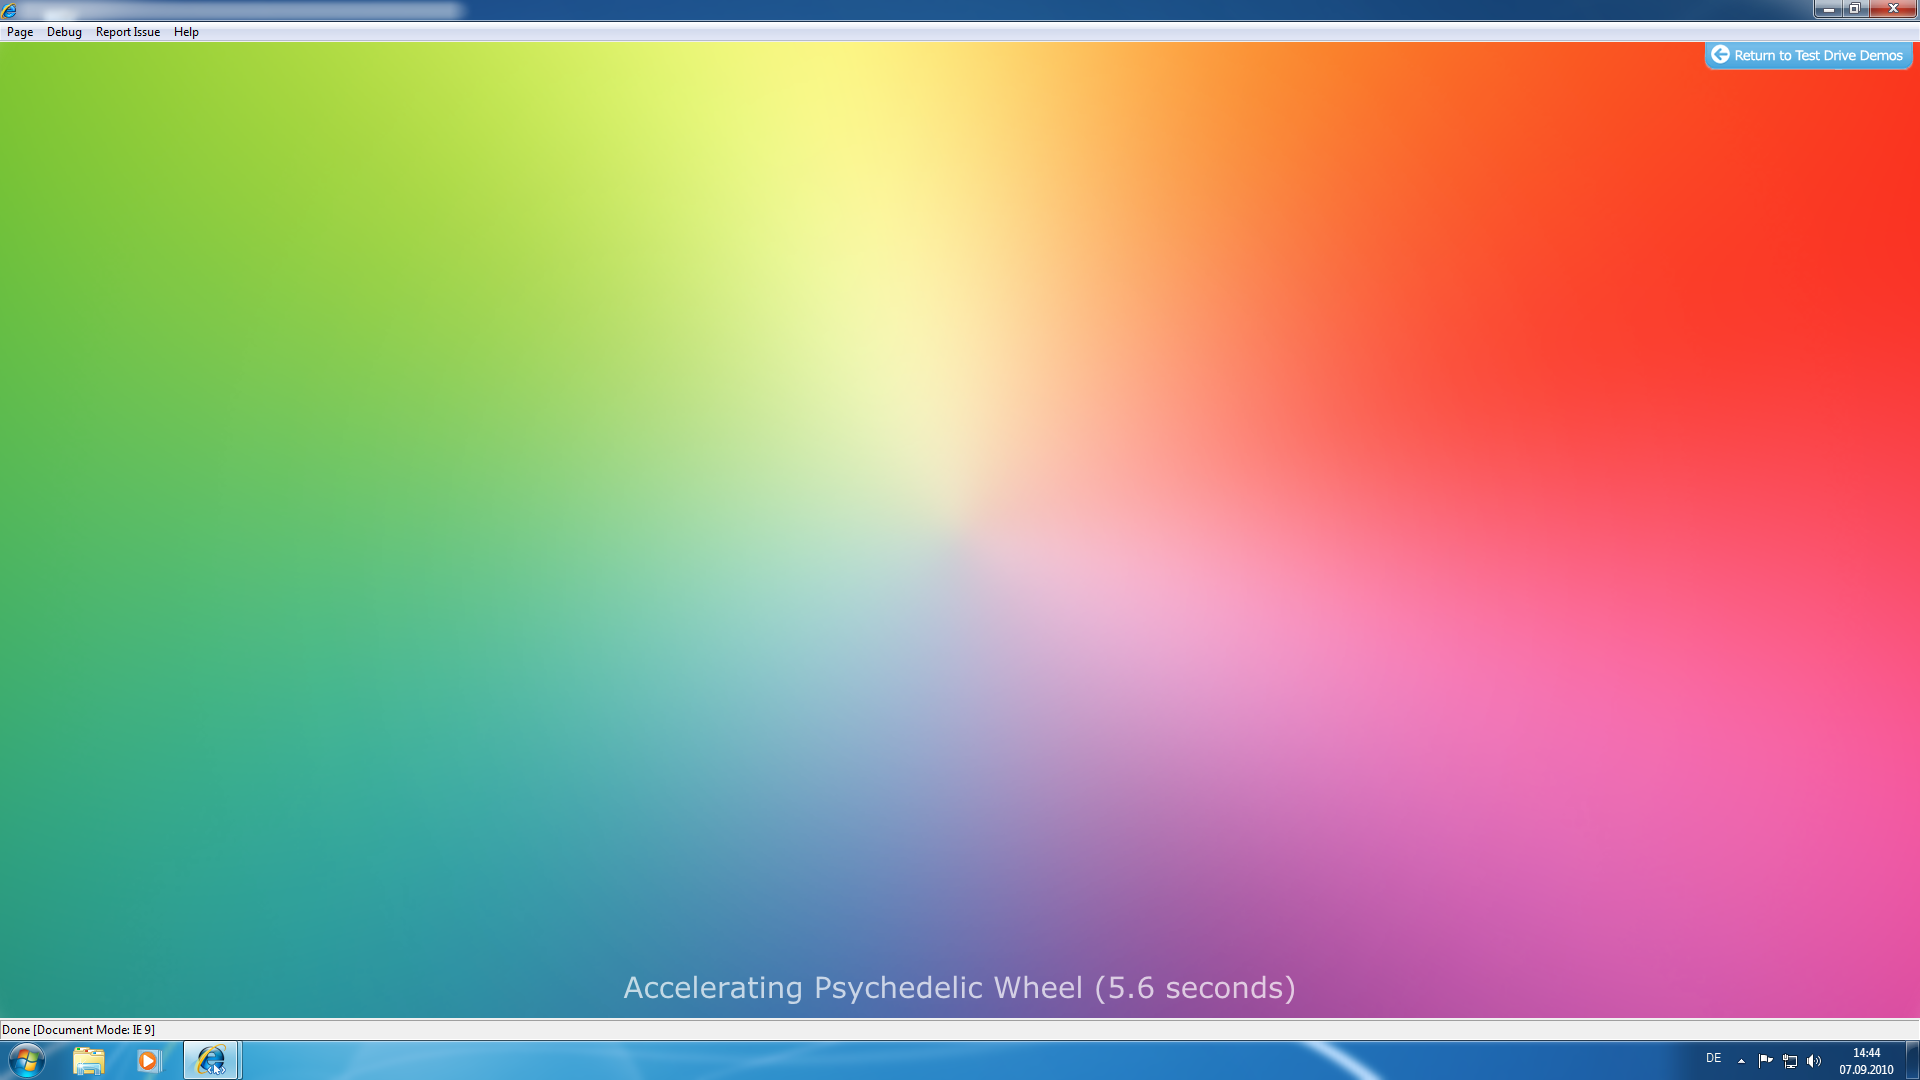 05-Die-neuen-Browser-Internet-Explorer-9-Testversion-Psychedelisches-Farbspiel-Speeddemo-470.png